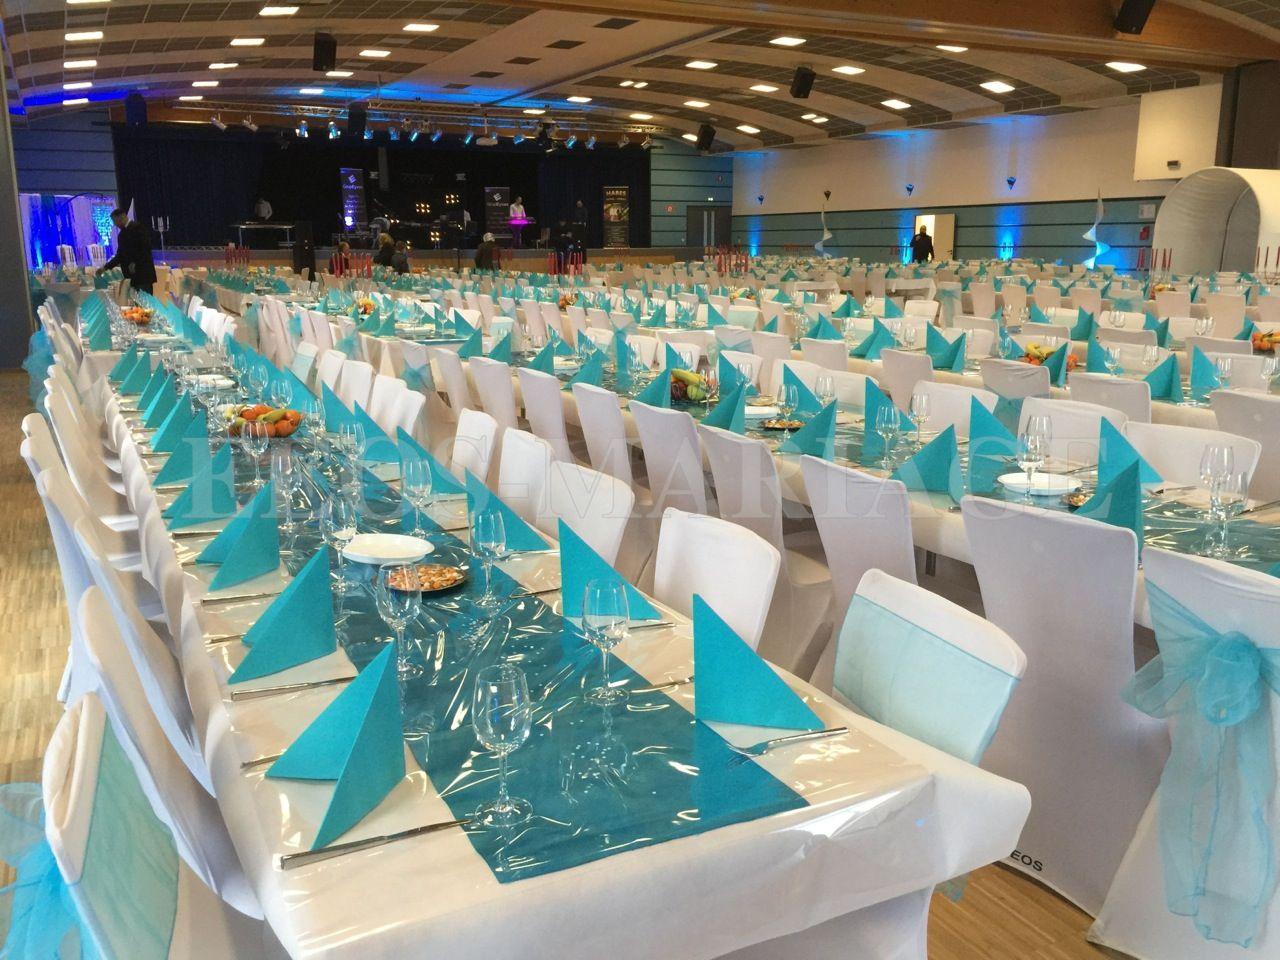 D coration de mariage turquoise turquoise pinterest for Deco bleu turquoise et blanc